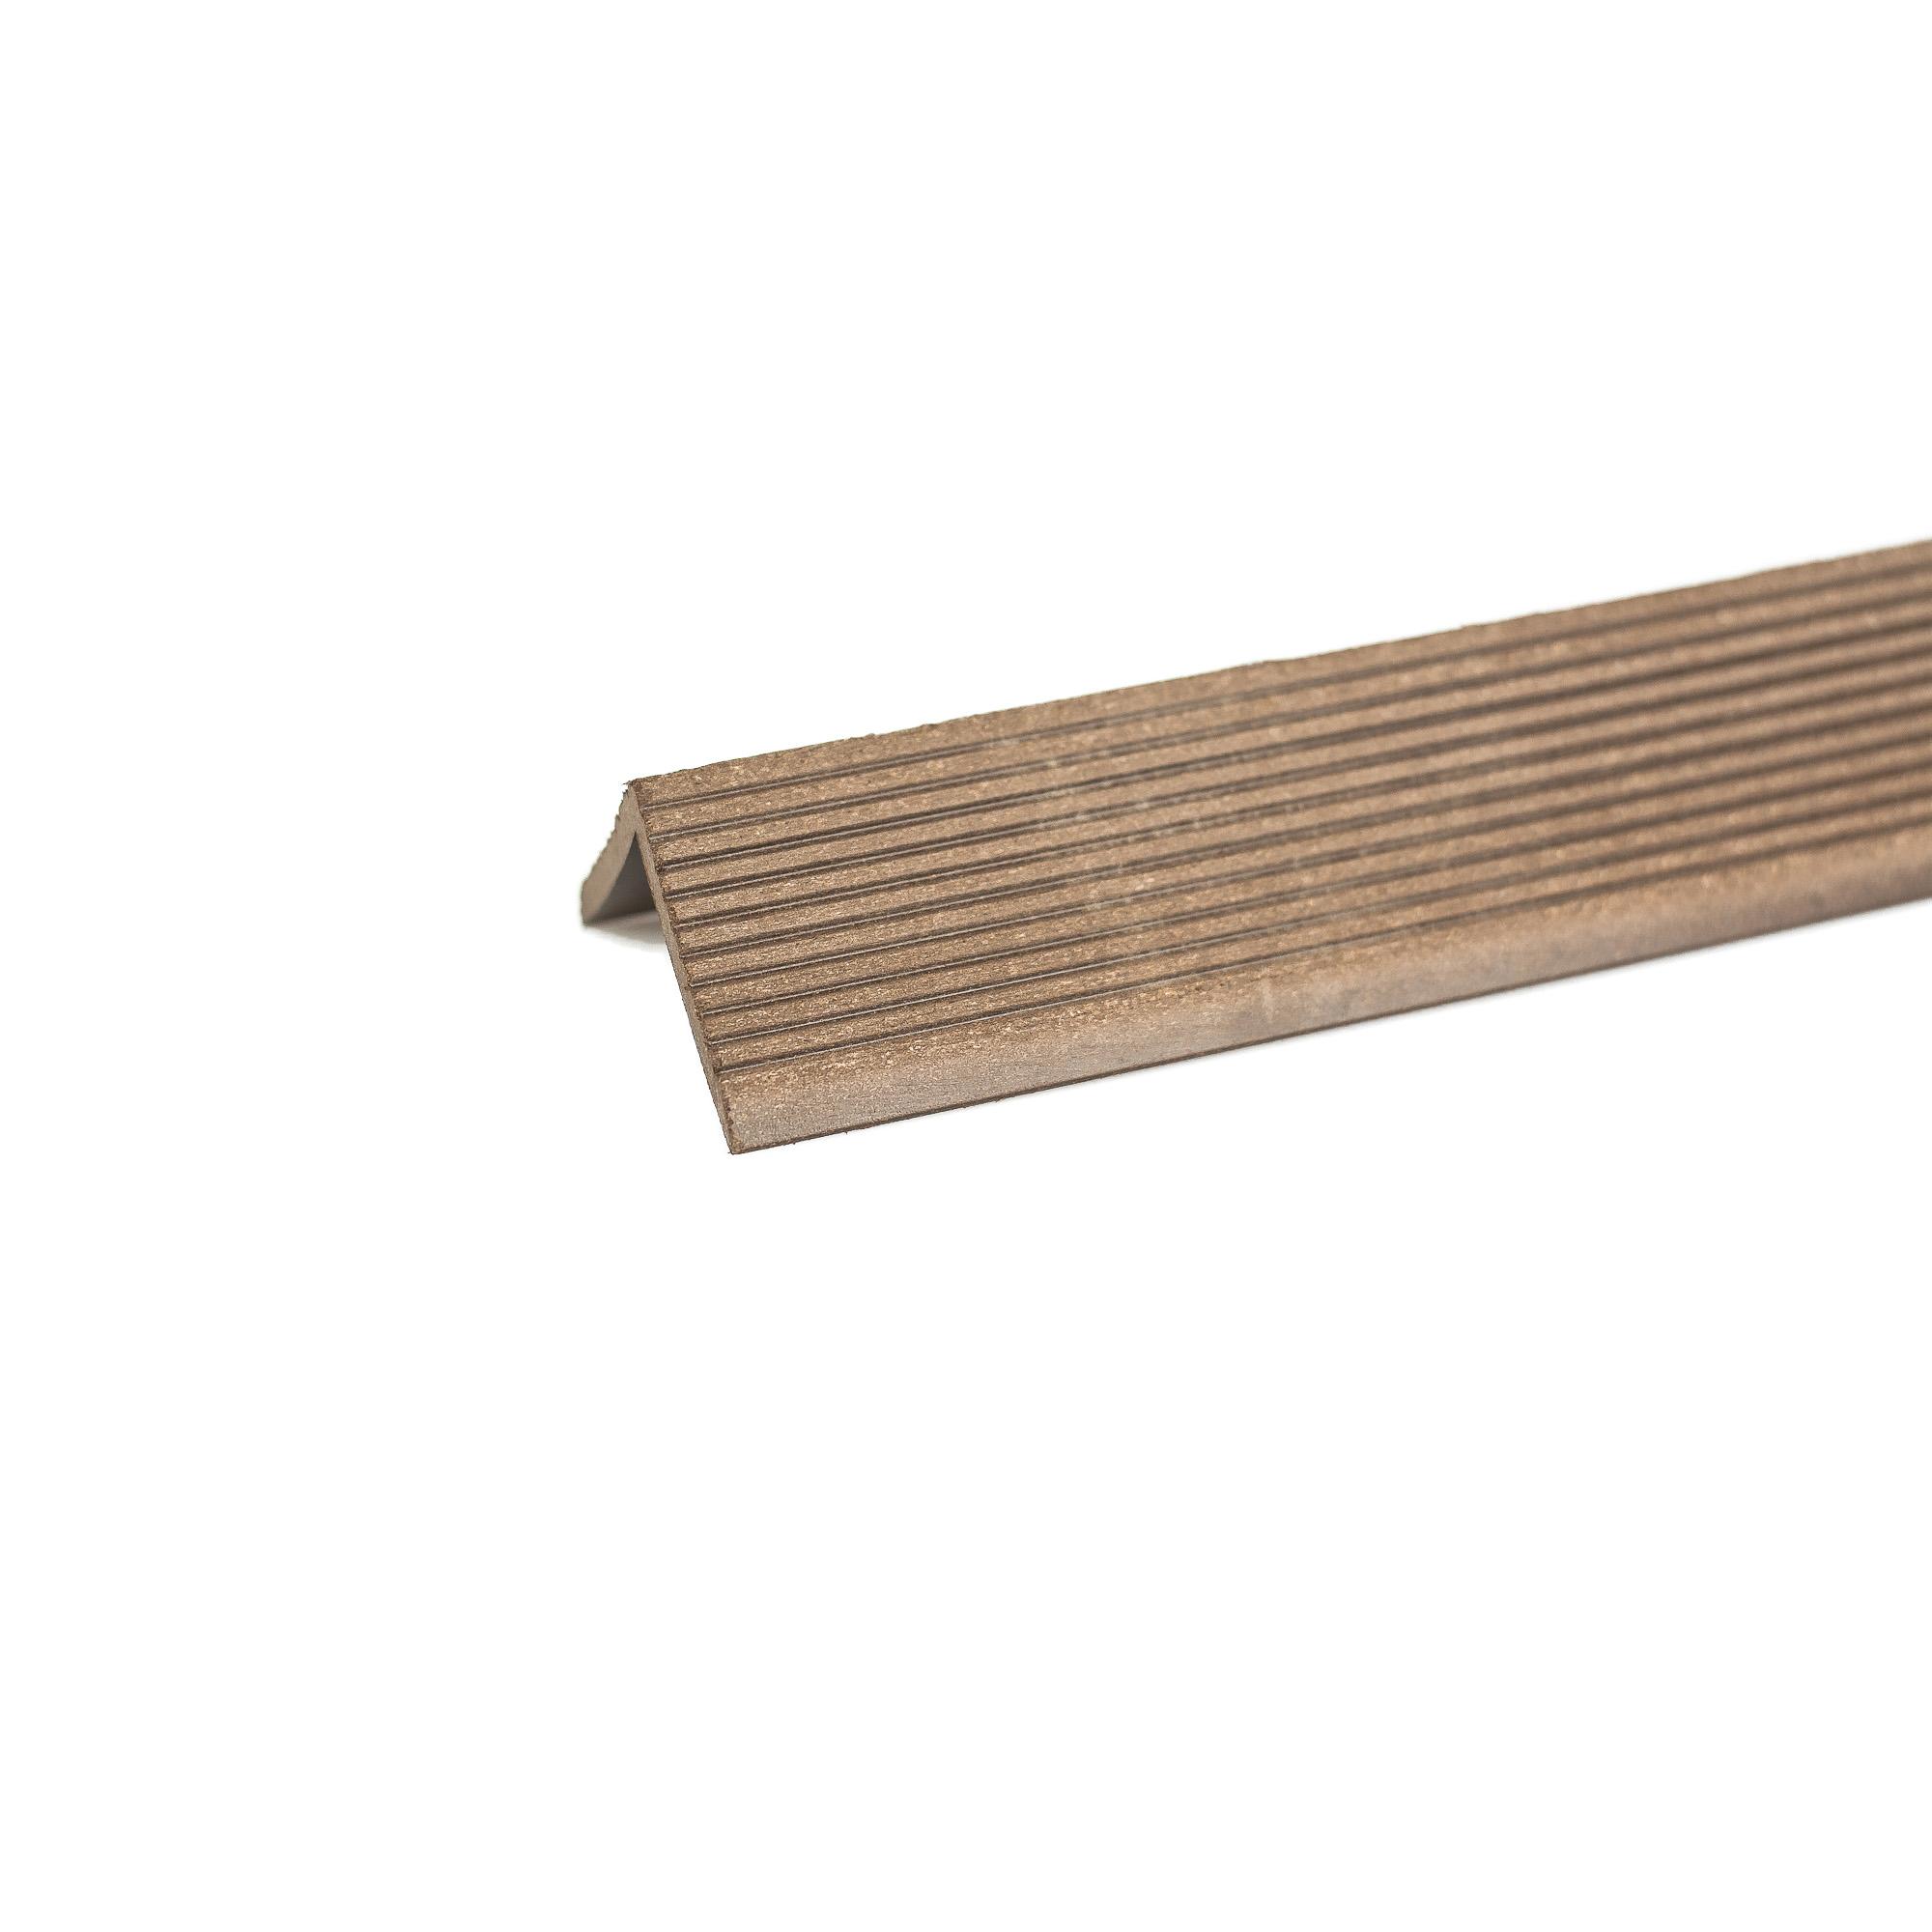 Profil colt WPC Bencomp, wenge, 50 x 50 x 2000 mm imagine MatHaus